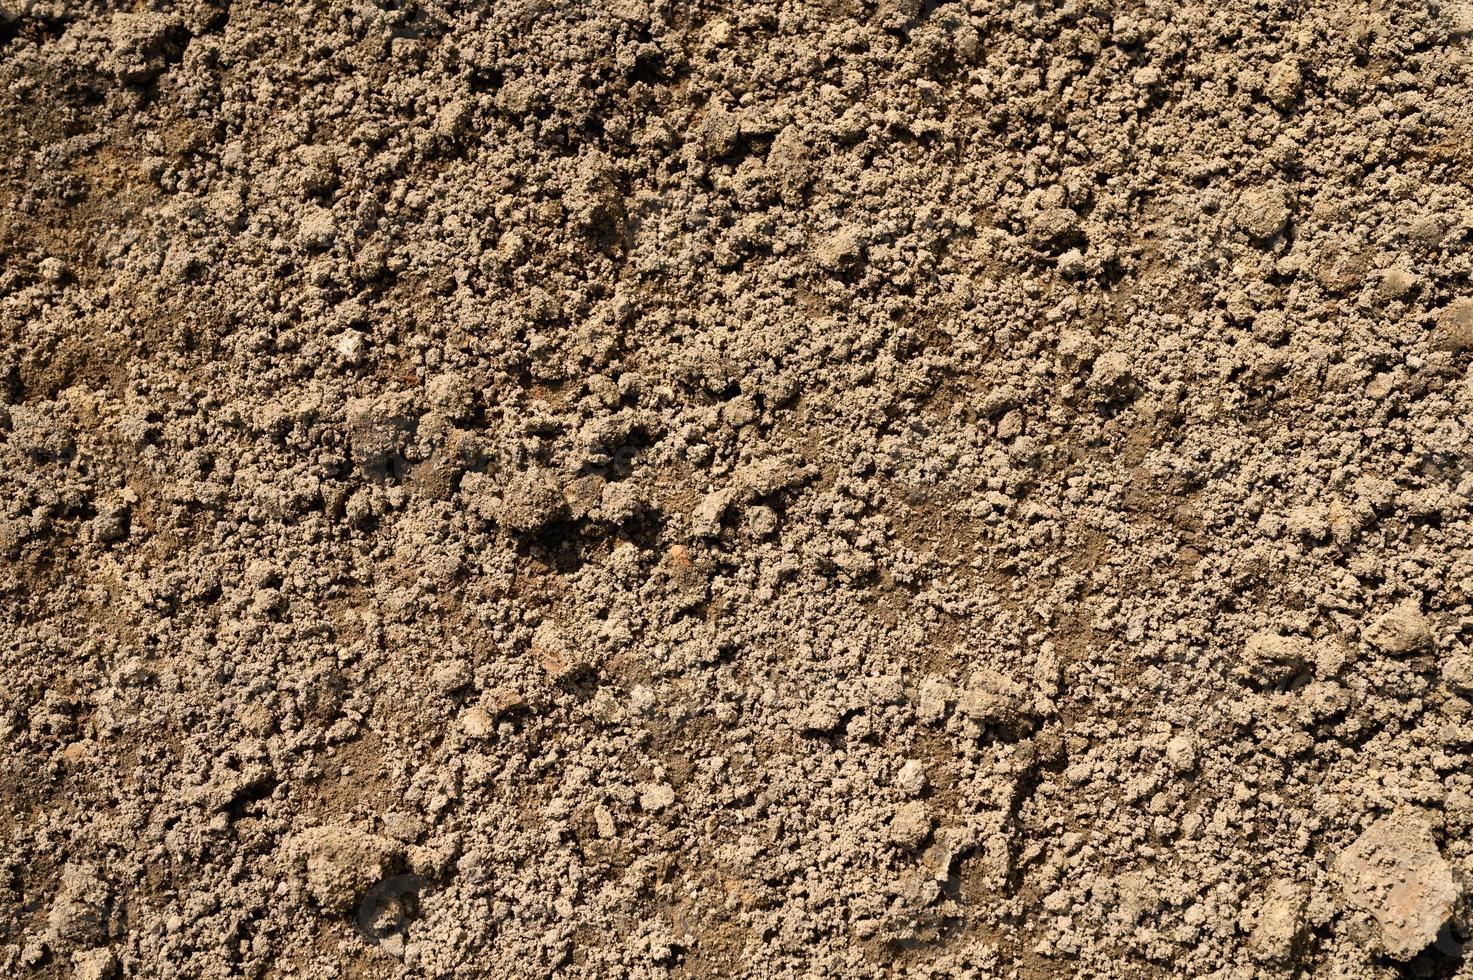 textura de fondo de la superficie lisa del suelo de la tierra foto